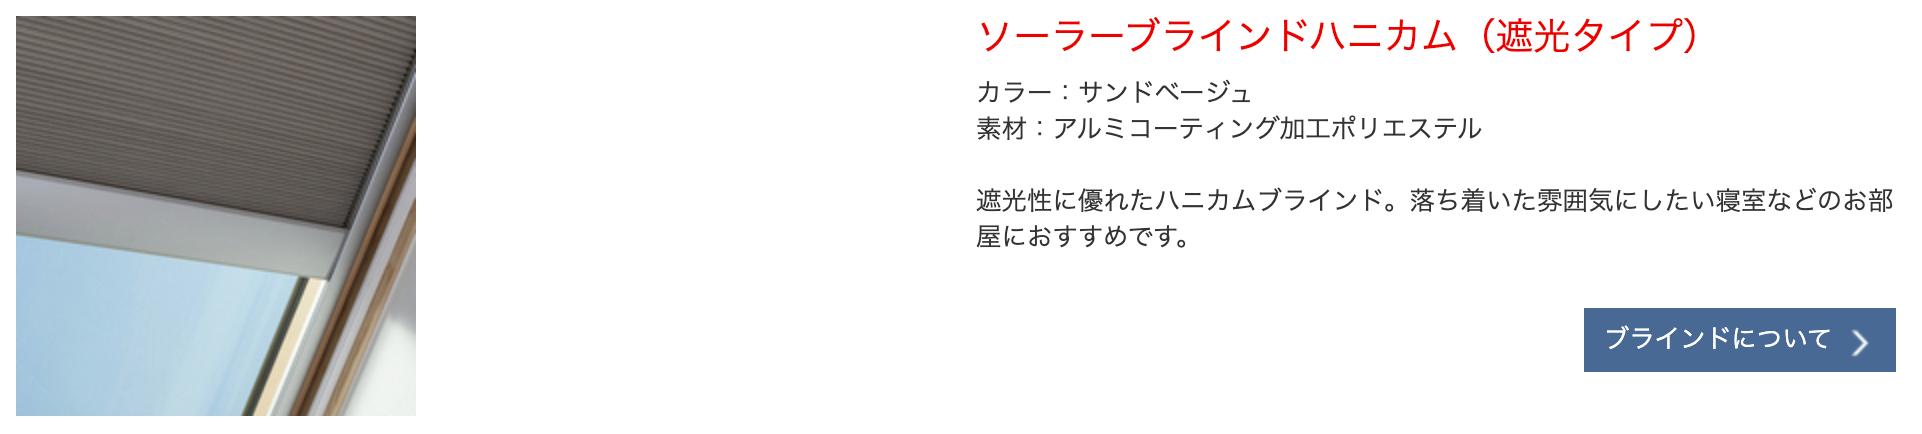 べルックス_電動天窓_遮光ハニカムシェード